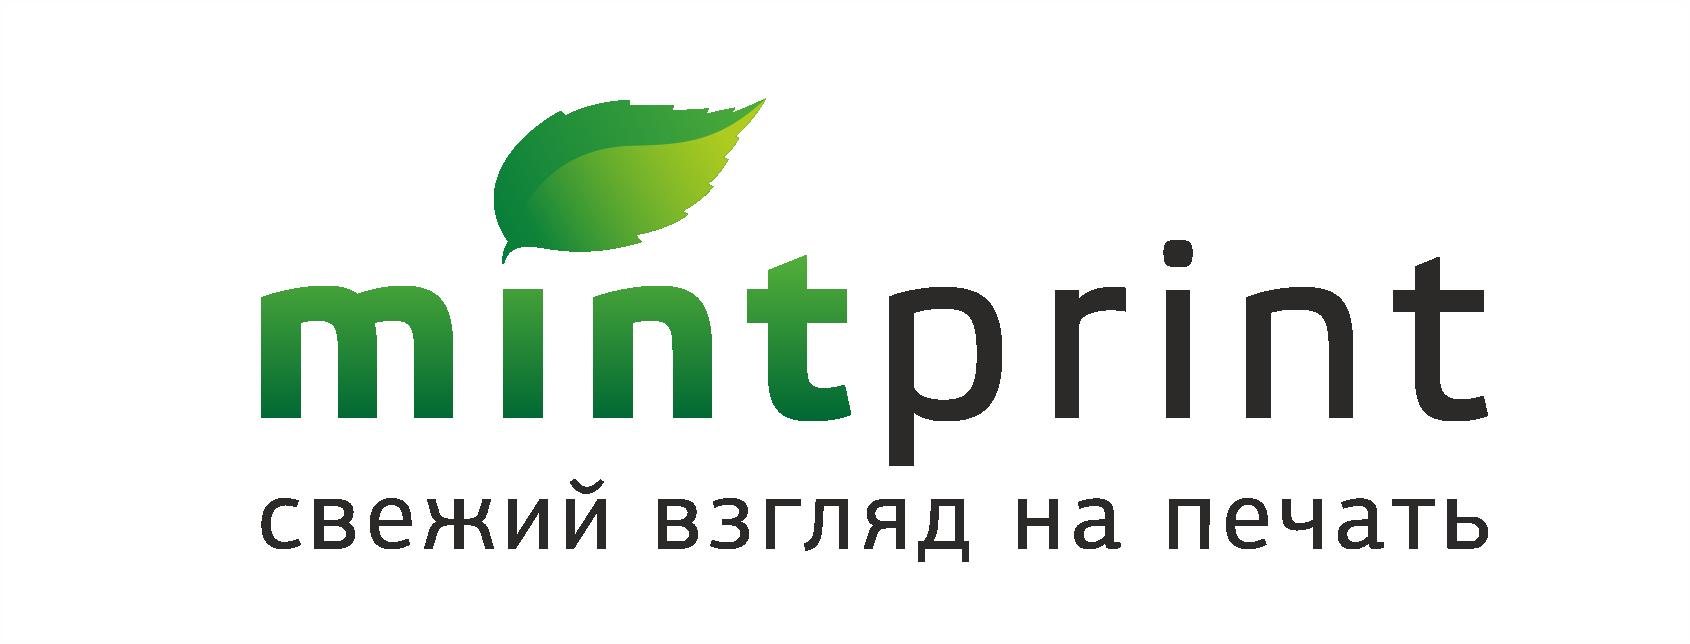 Типография Минт Принт